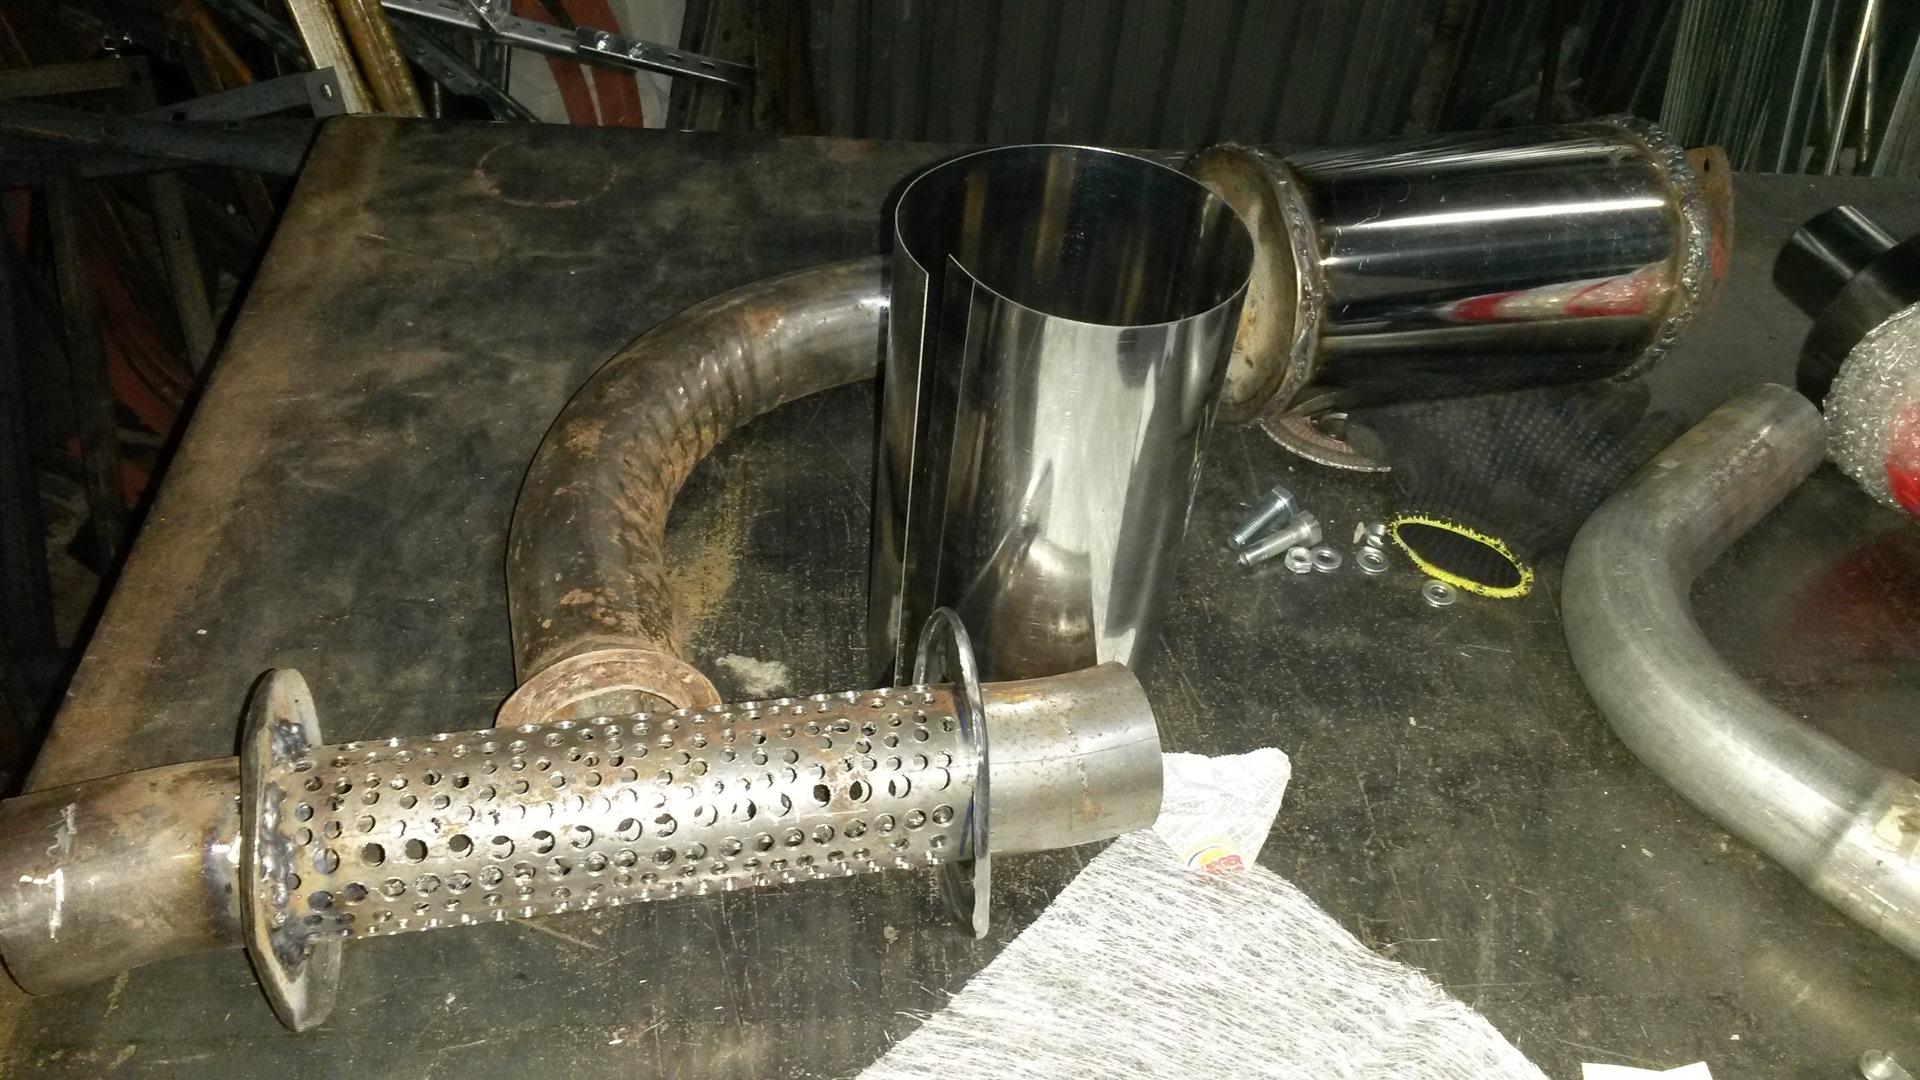 Тюнинг глушителя на квадроцикл - прямоточные, тихие и шноркель выхлопной трубы